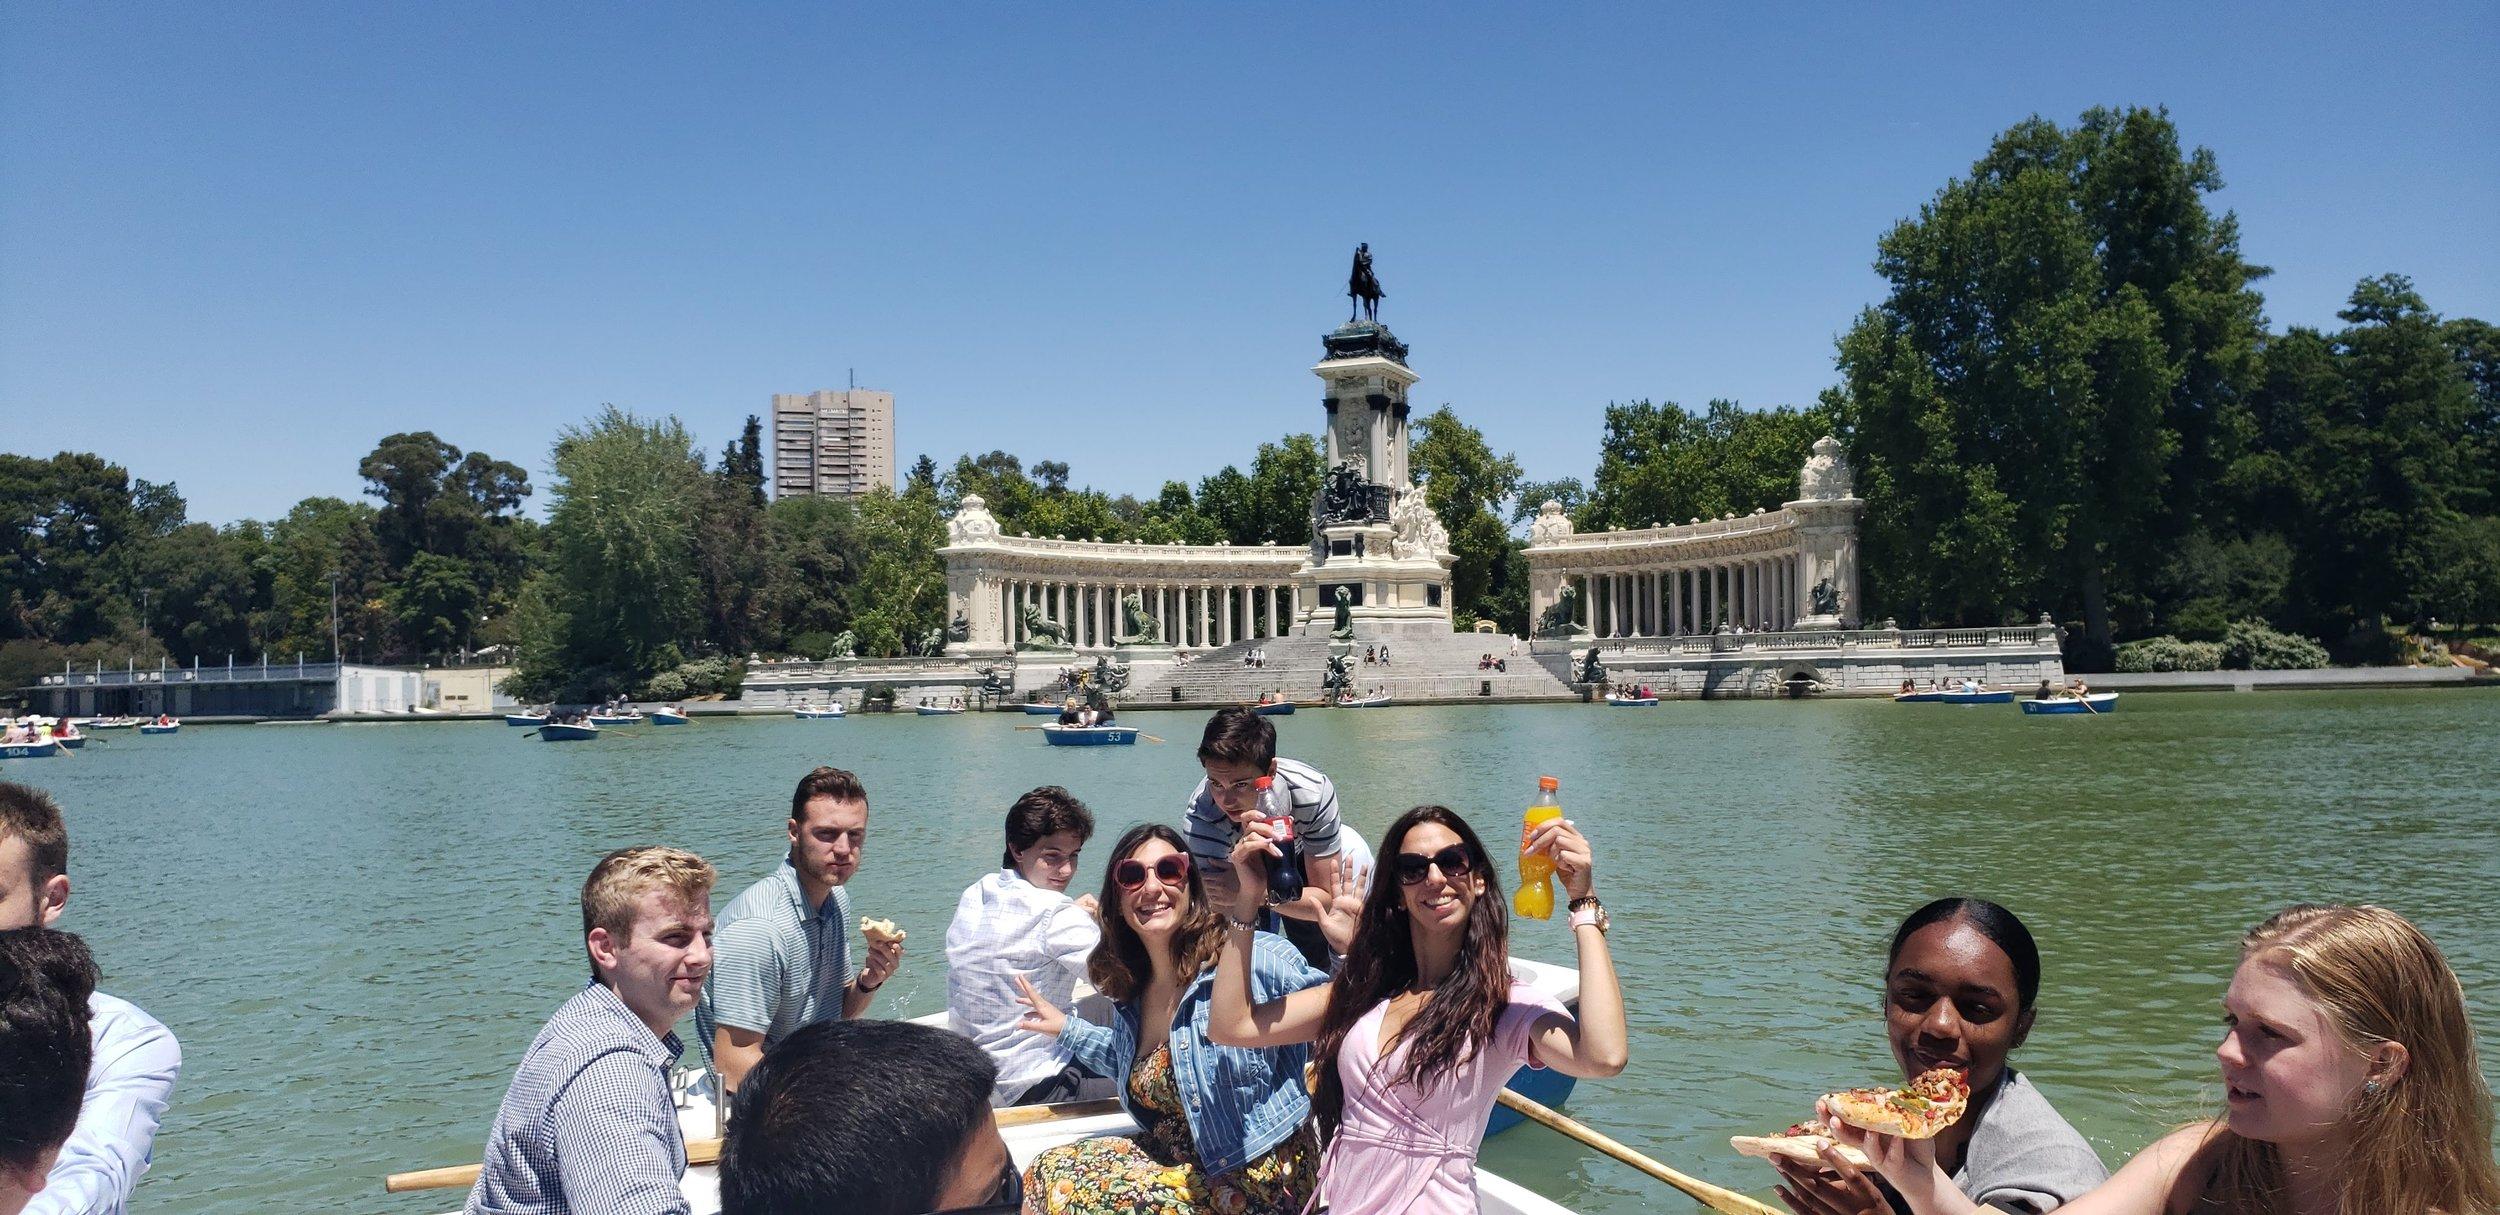 Fellows enjoy an excursion on rowboats in Parque Retiro.